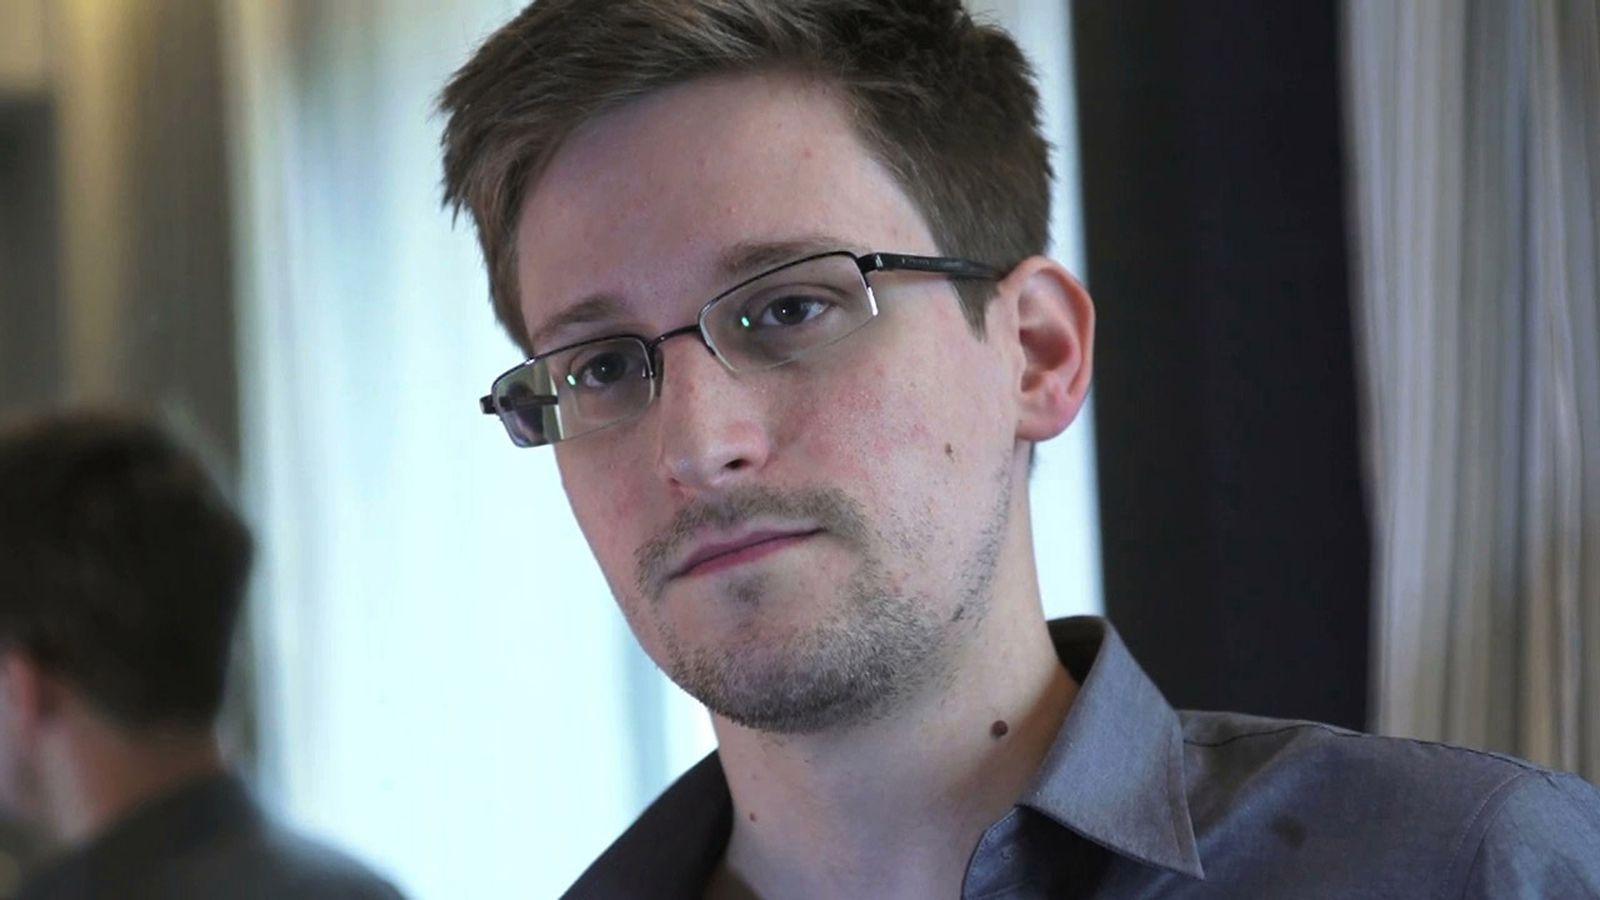 Friedensnobelpreis/ Snowden